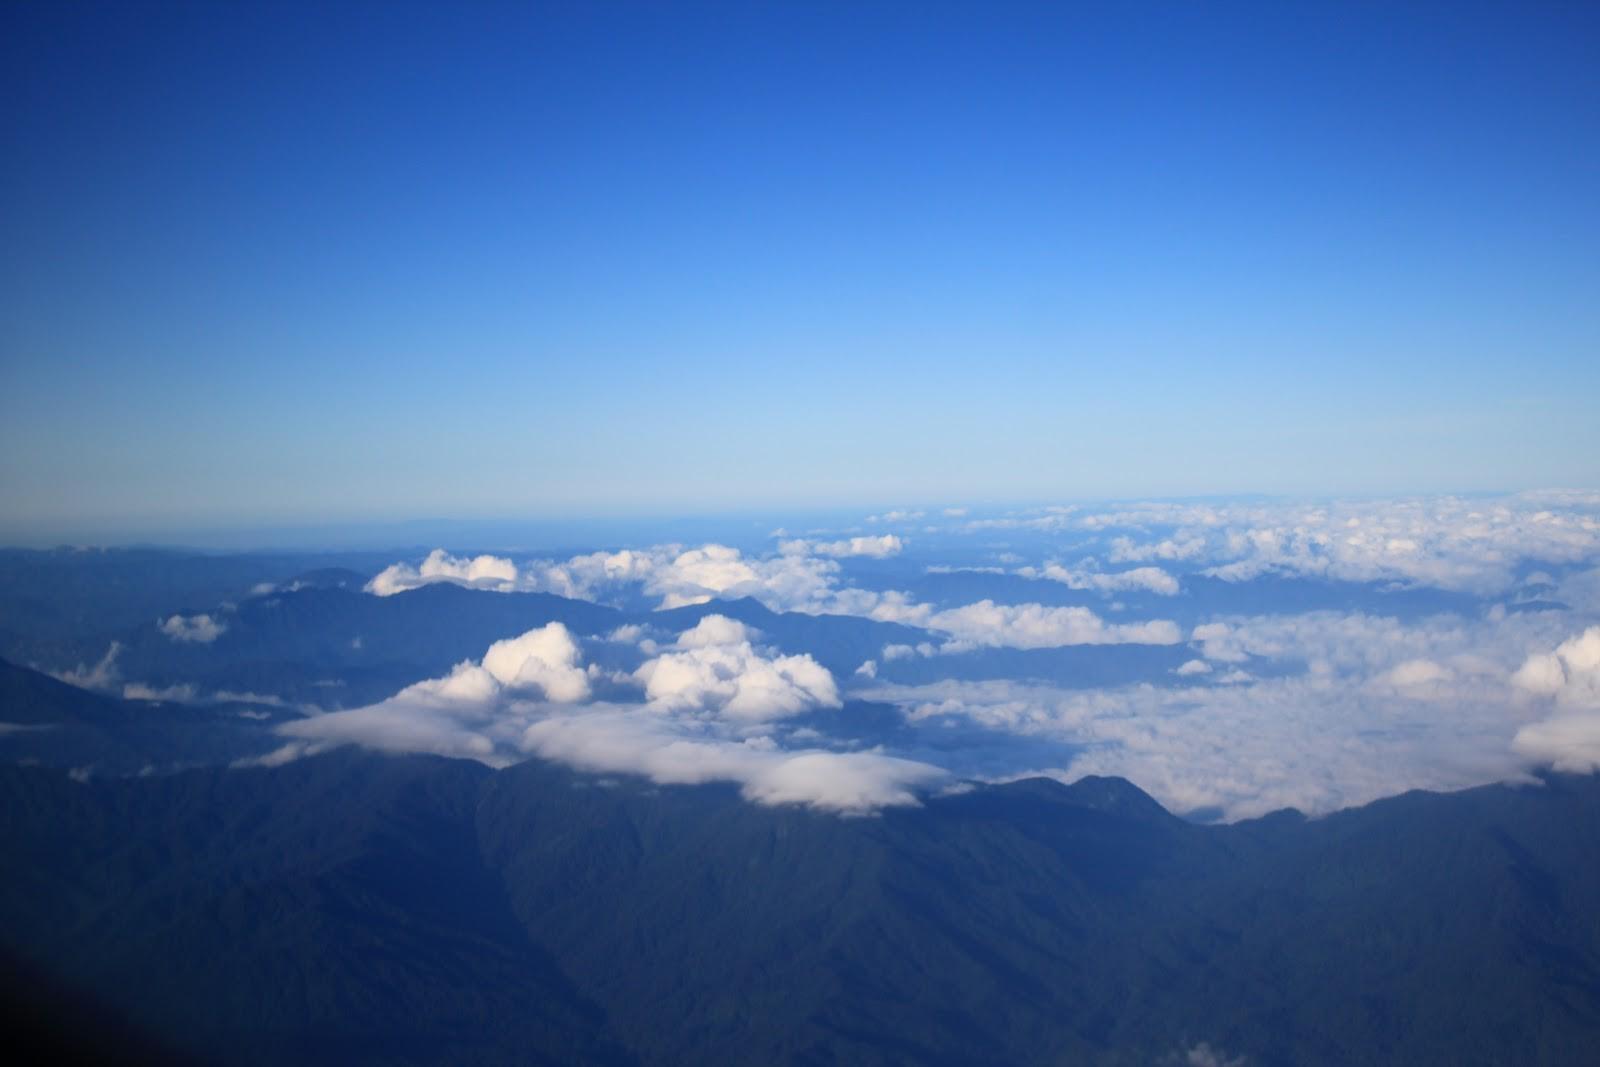 Bạn có thể thỏa thích ngắm nhìn mây trời trong chuyến đi của mình